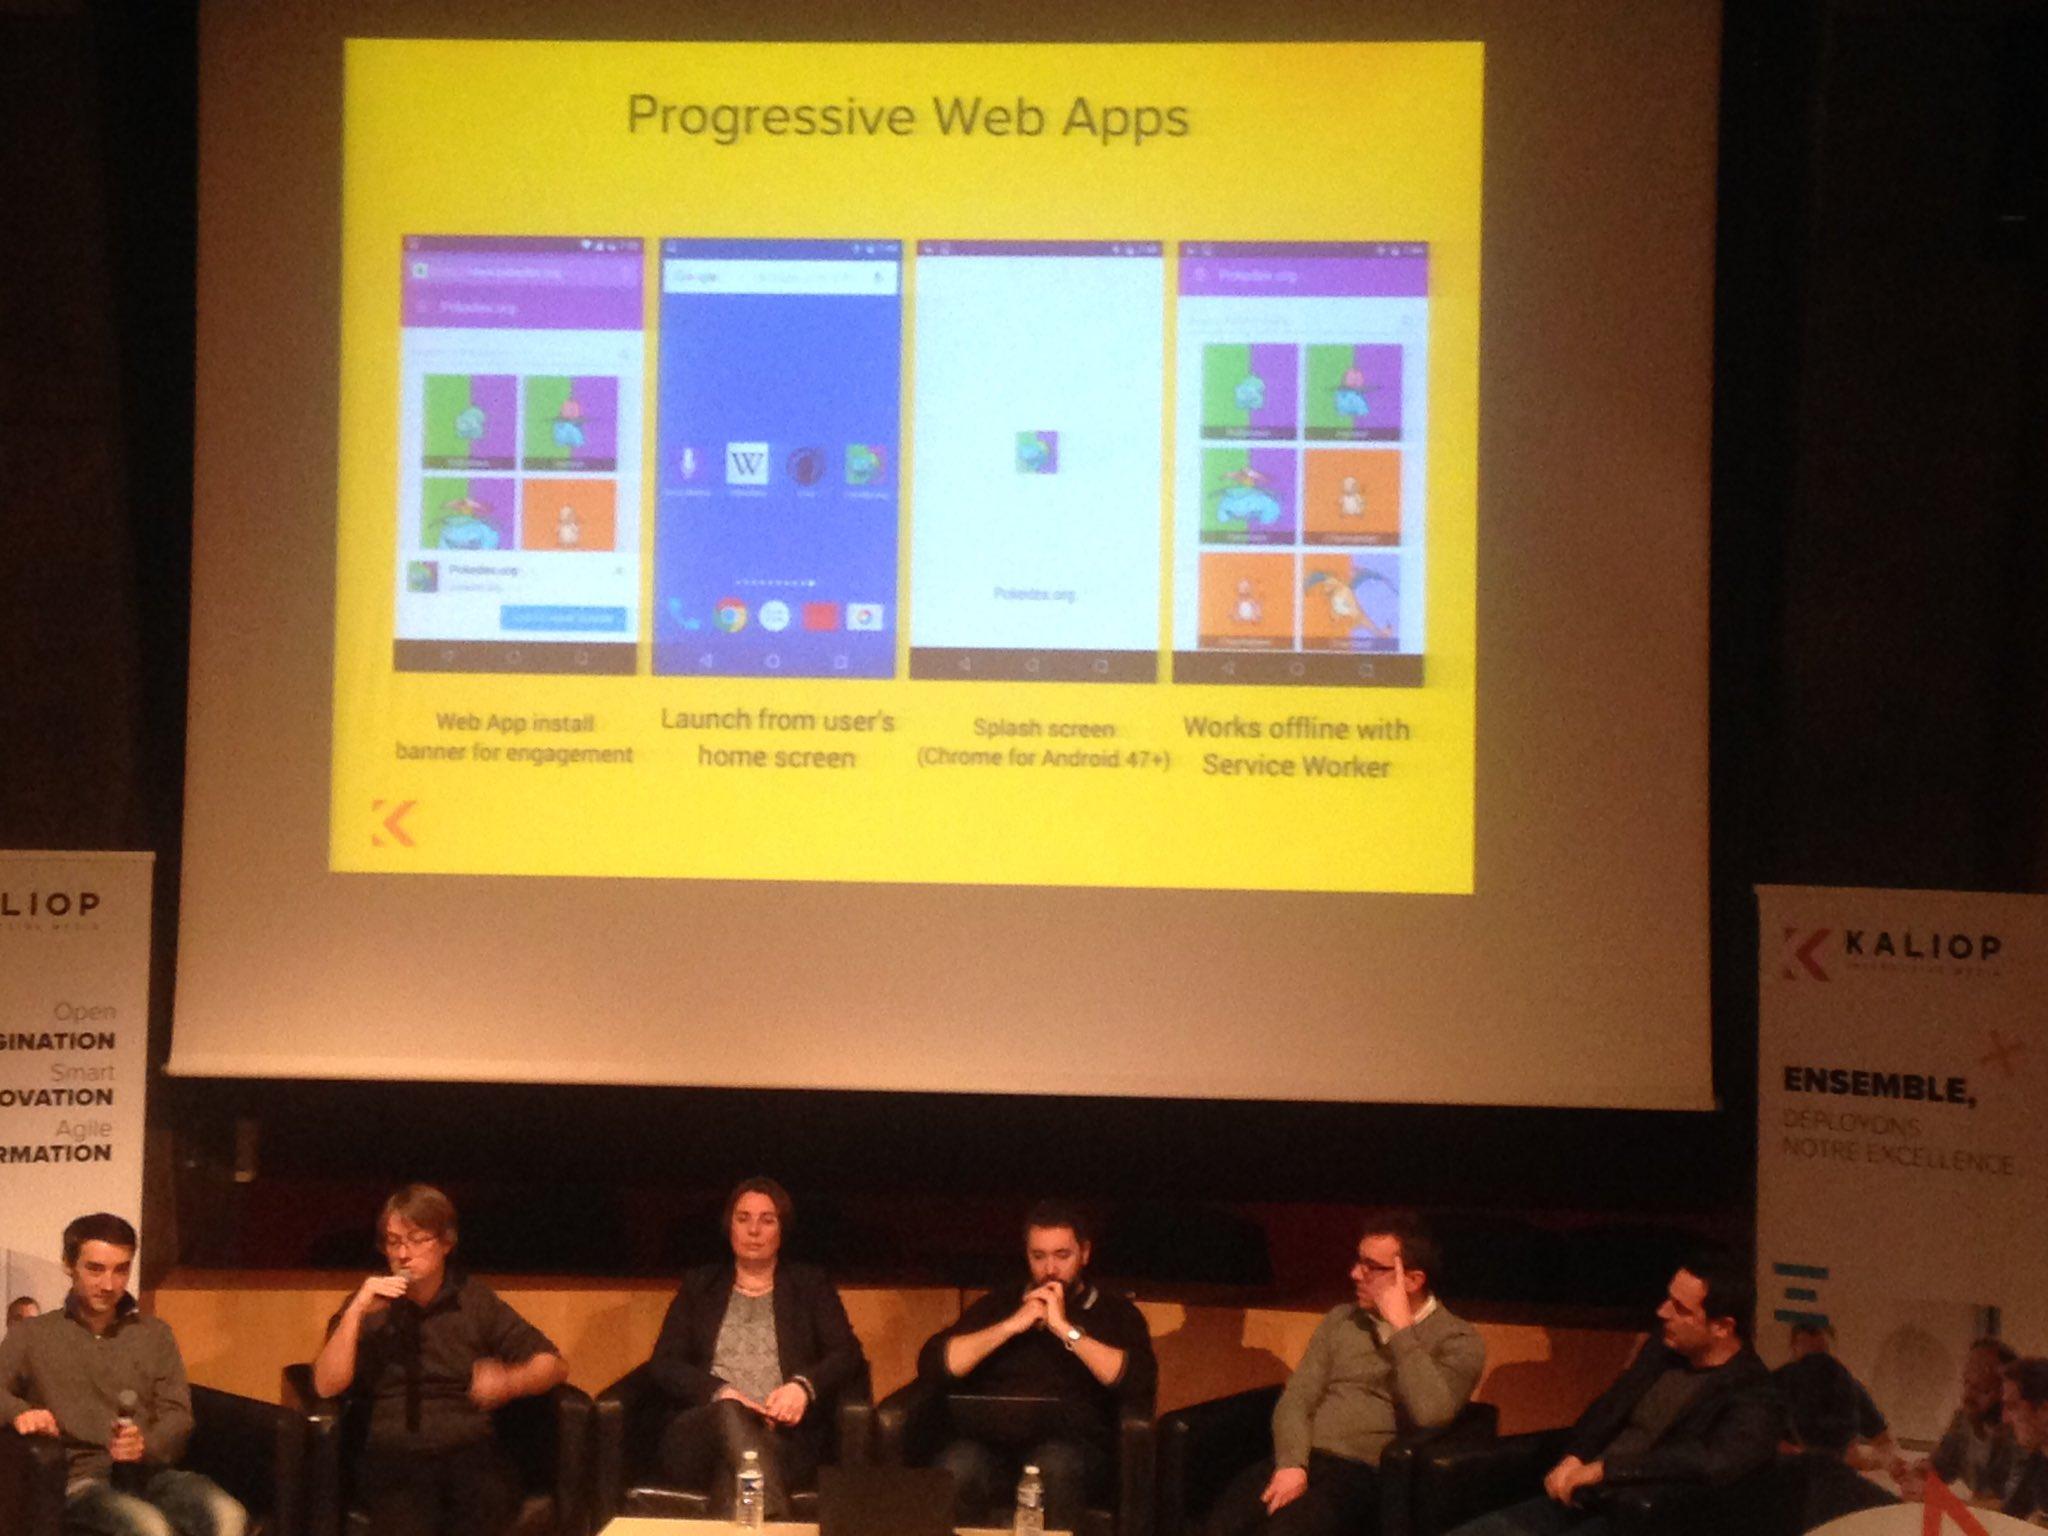 Les progressive web apps suppriment les frontières entre le desktop et le mobile #konvention2017 #ux via @gandbox https://t.co/Ab5UYXi0k1